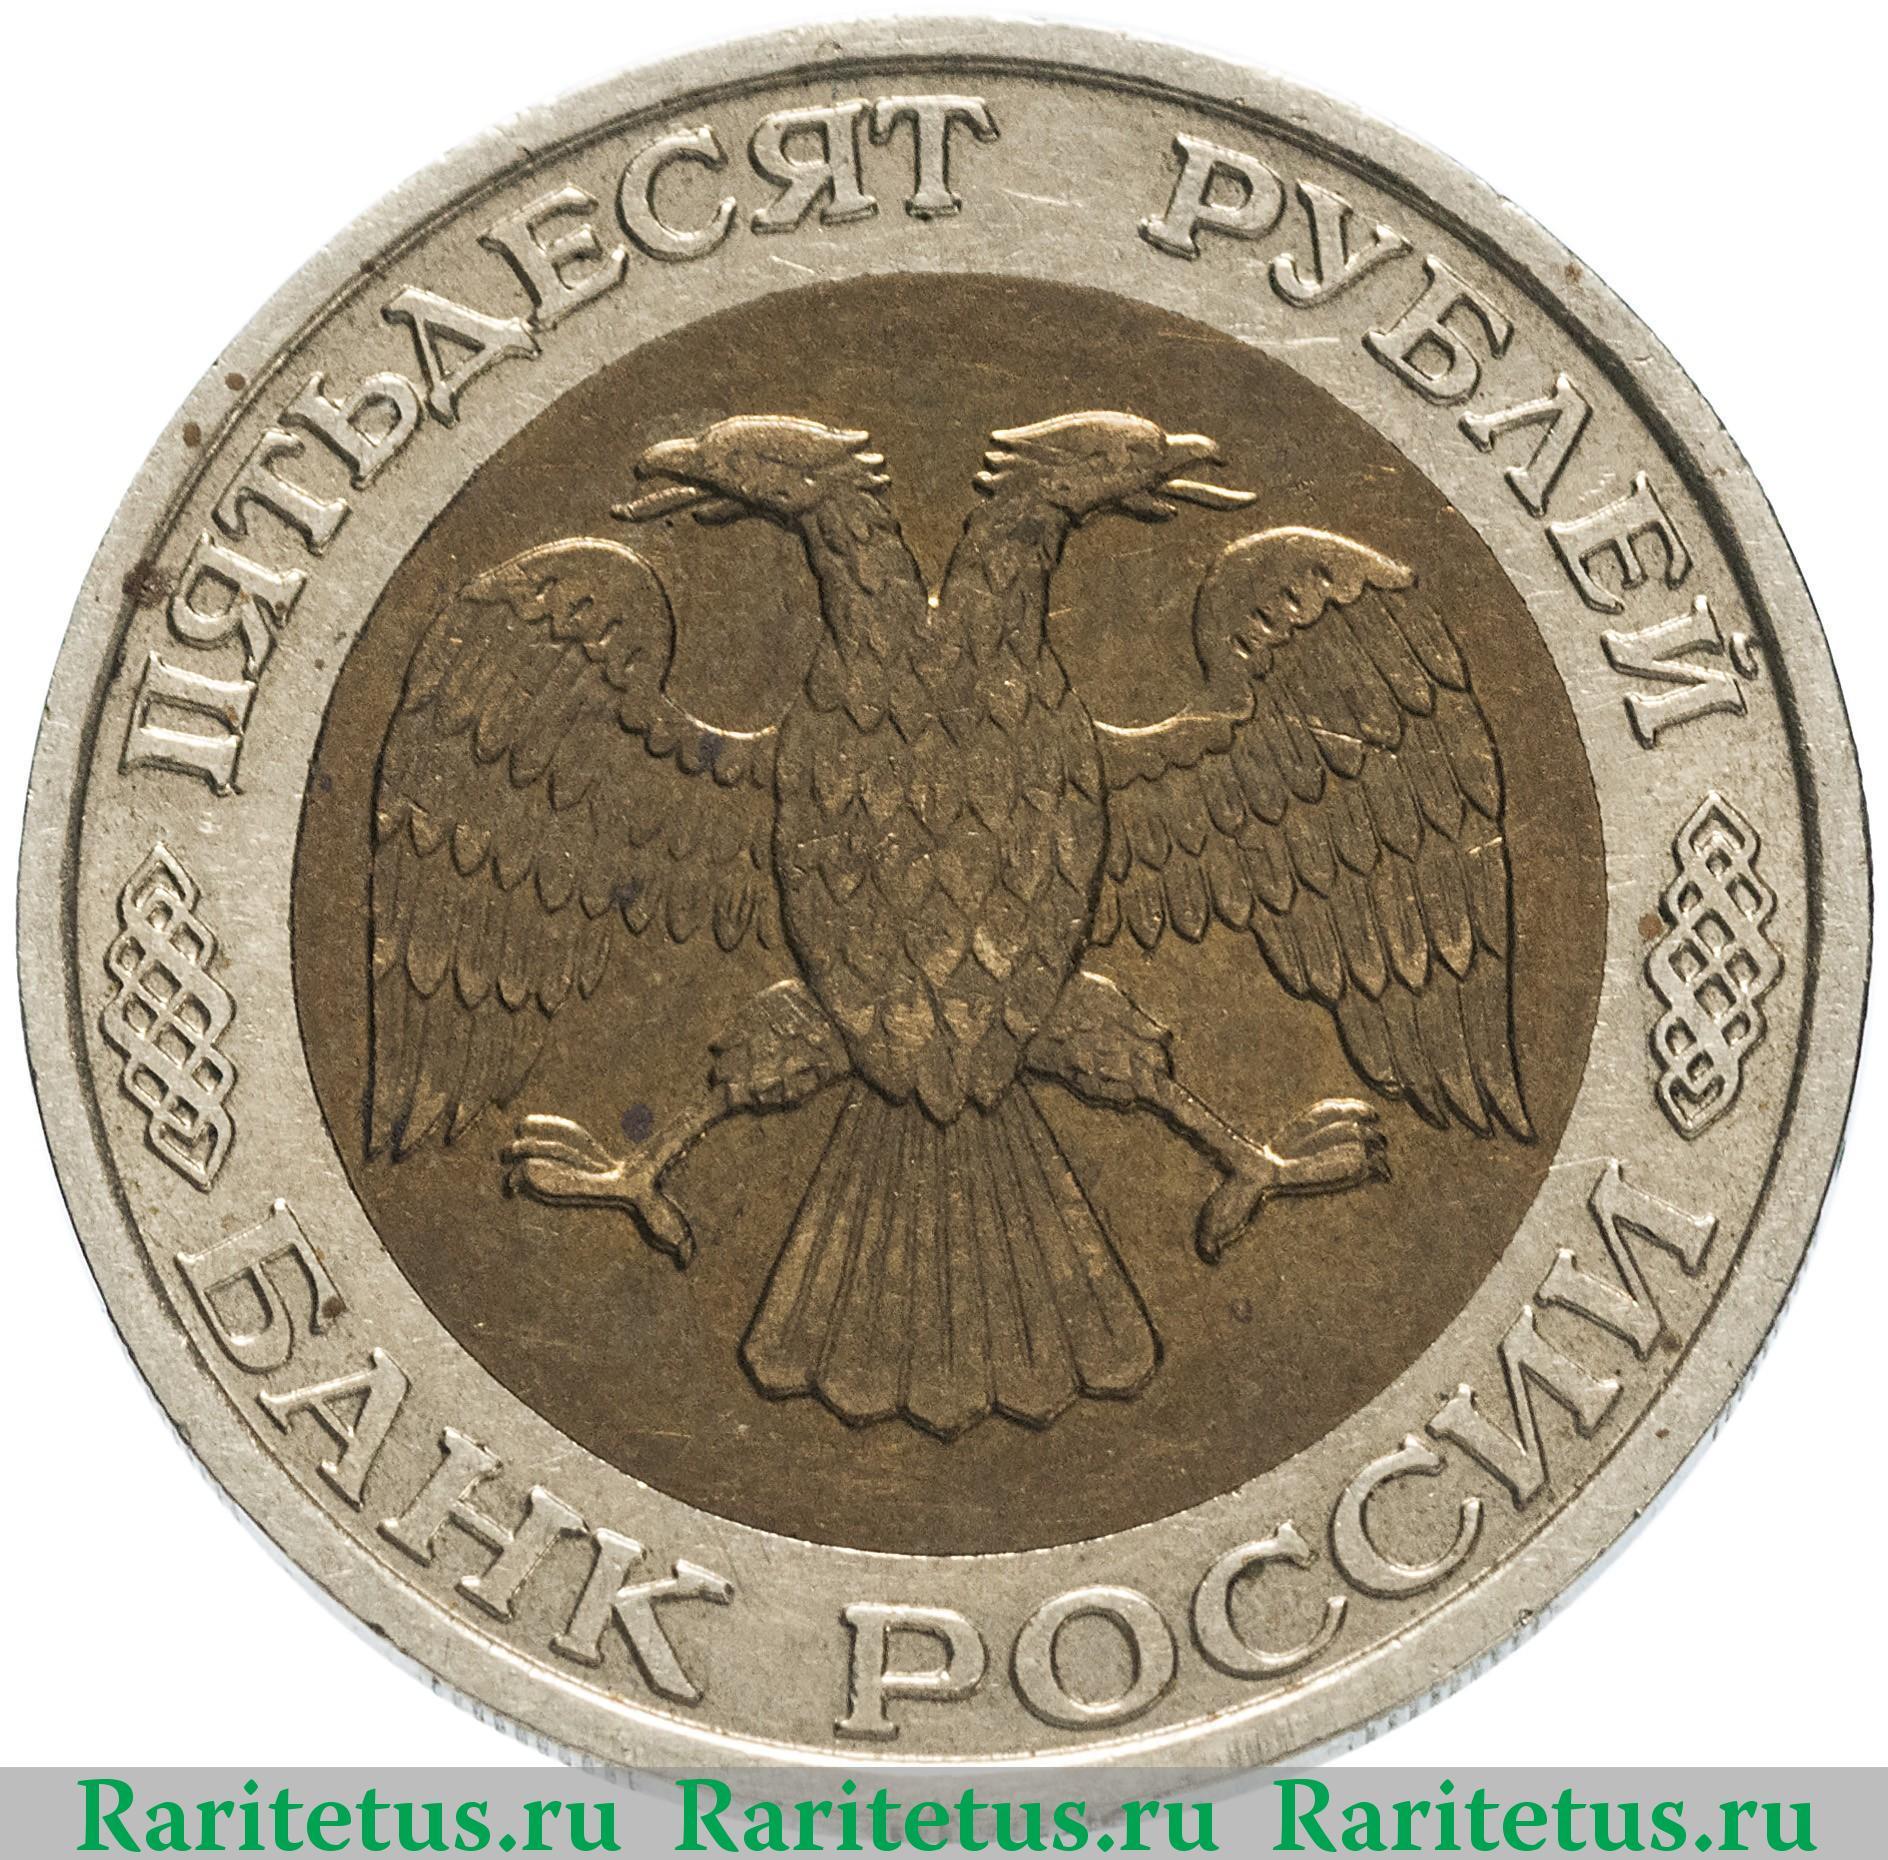 Последние аукционы монет в москве курземе купить